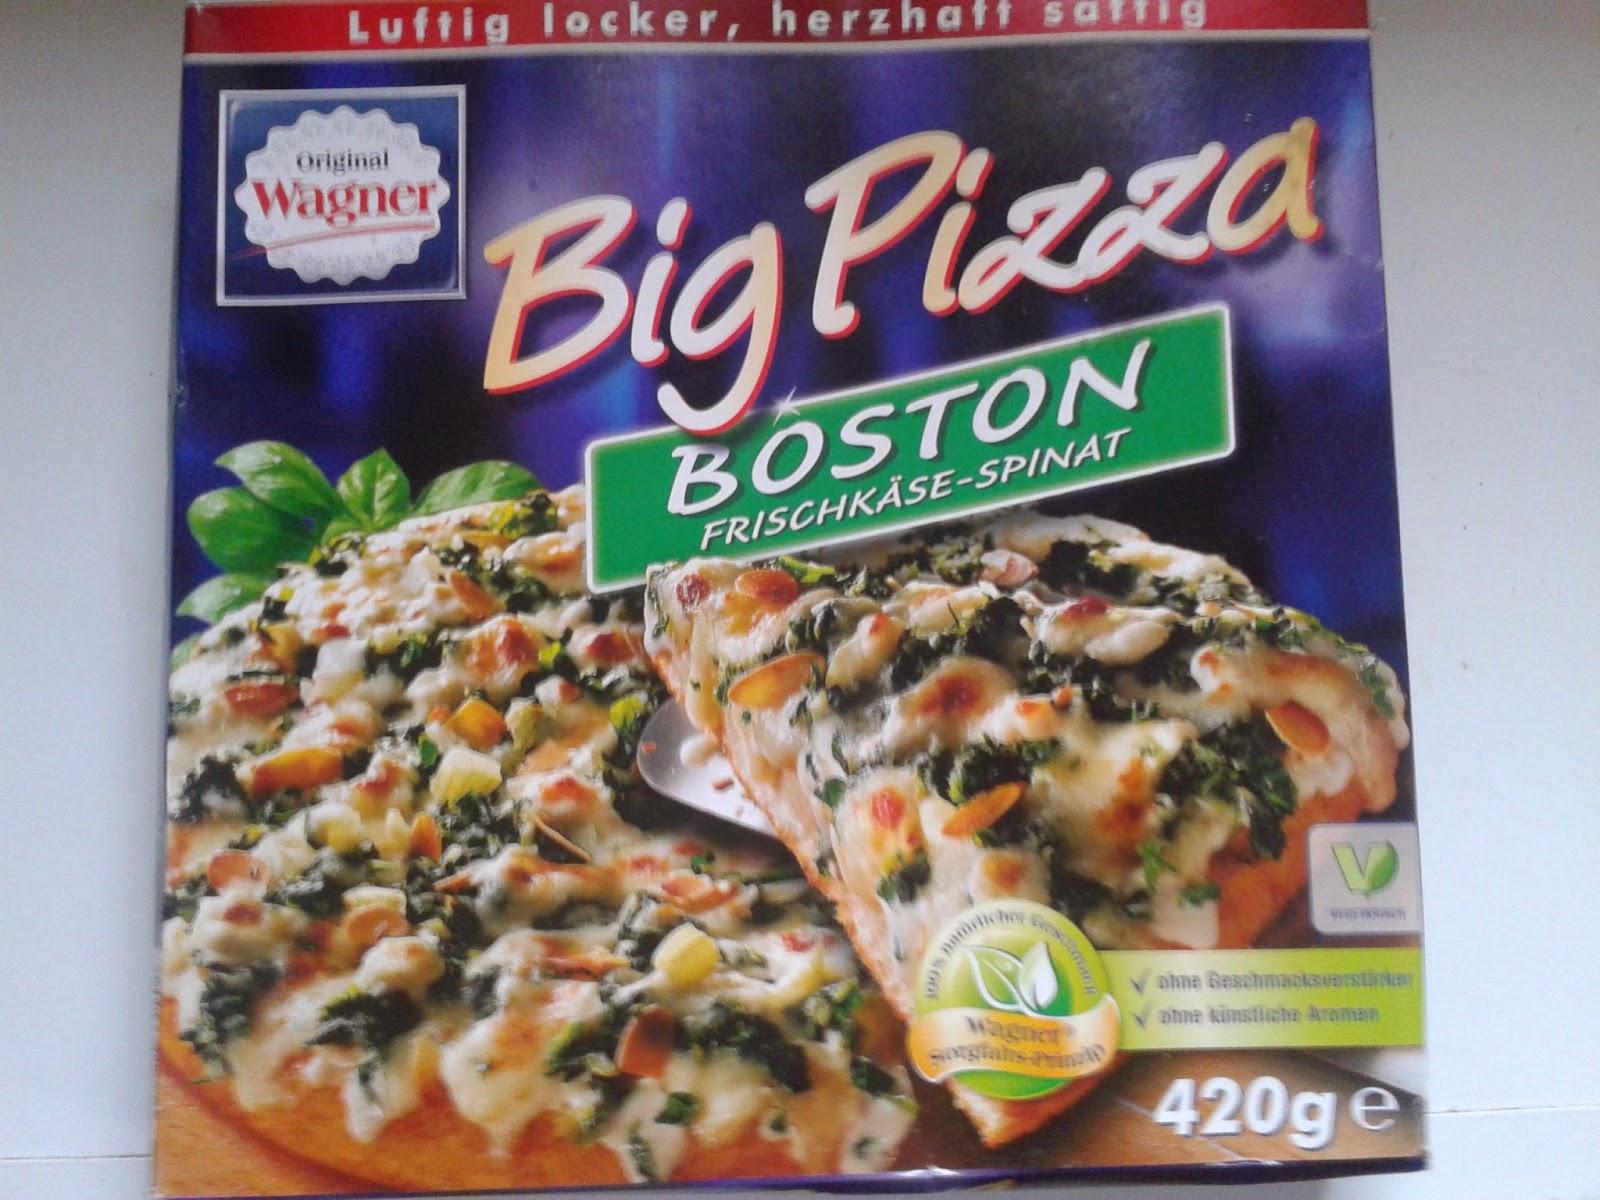 Wagner Big Pizza, Tiefkühlpizza, Fertigpizza